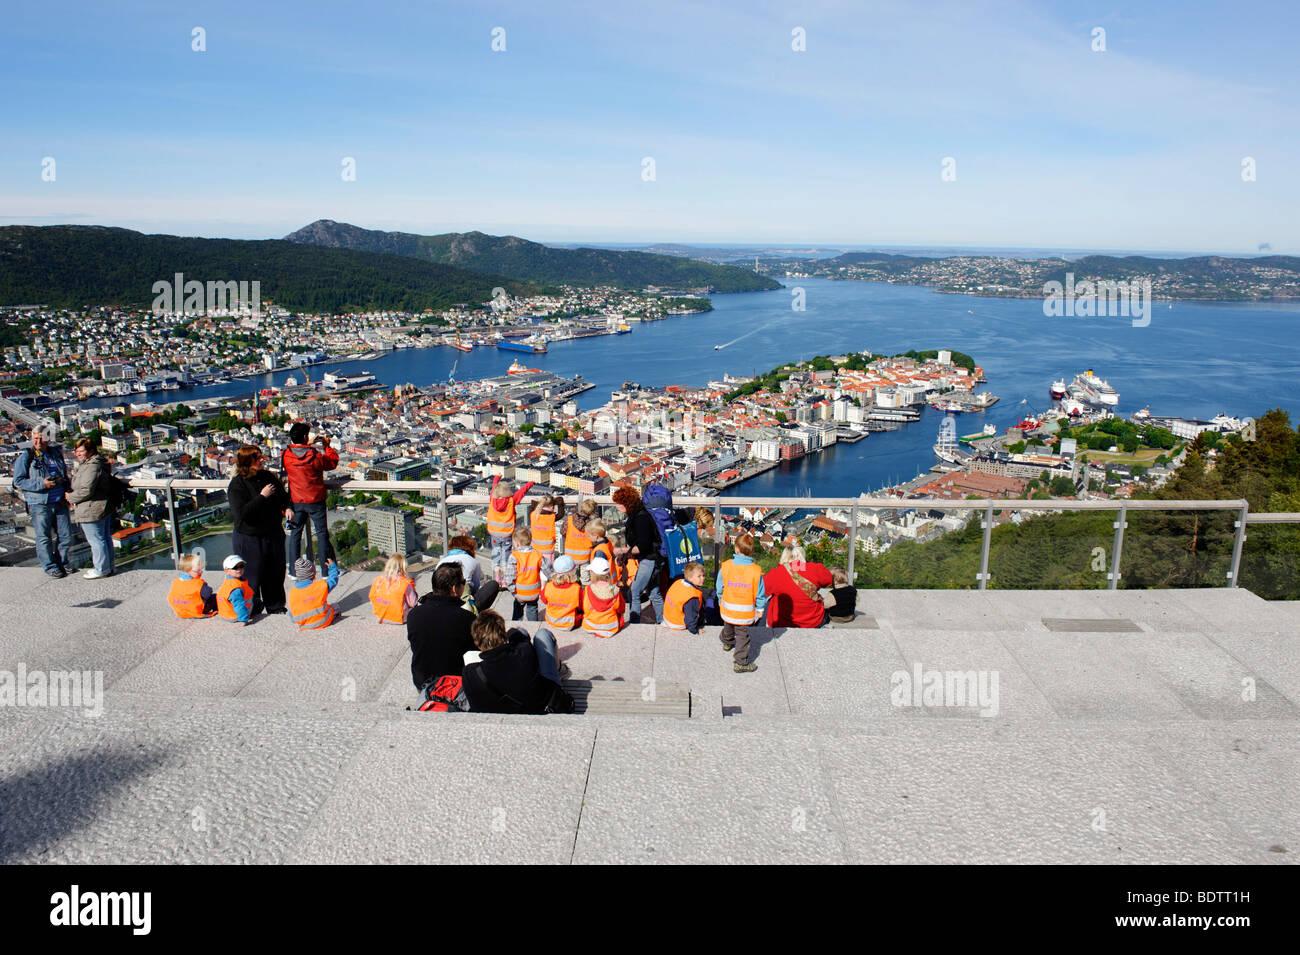 Altstadt mit Hafen der Stadt aus dem Stadt-Hügel und Blick Punkt Floyen, Bergen, Norwegen, Europa Stockbild